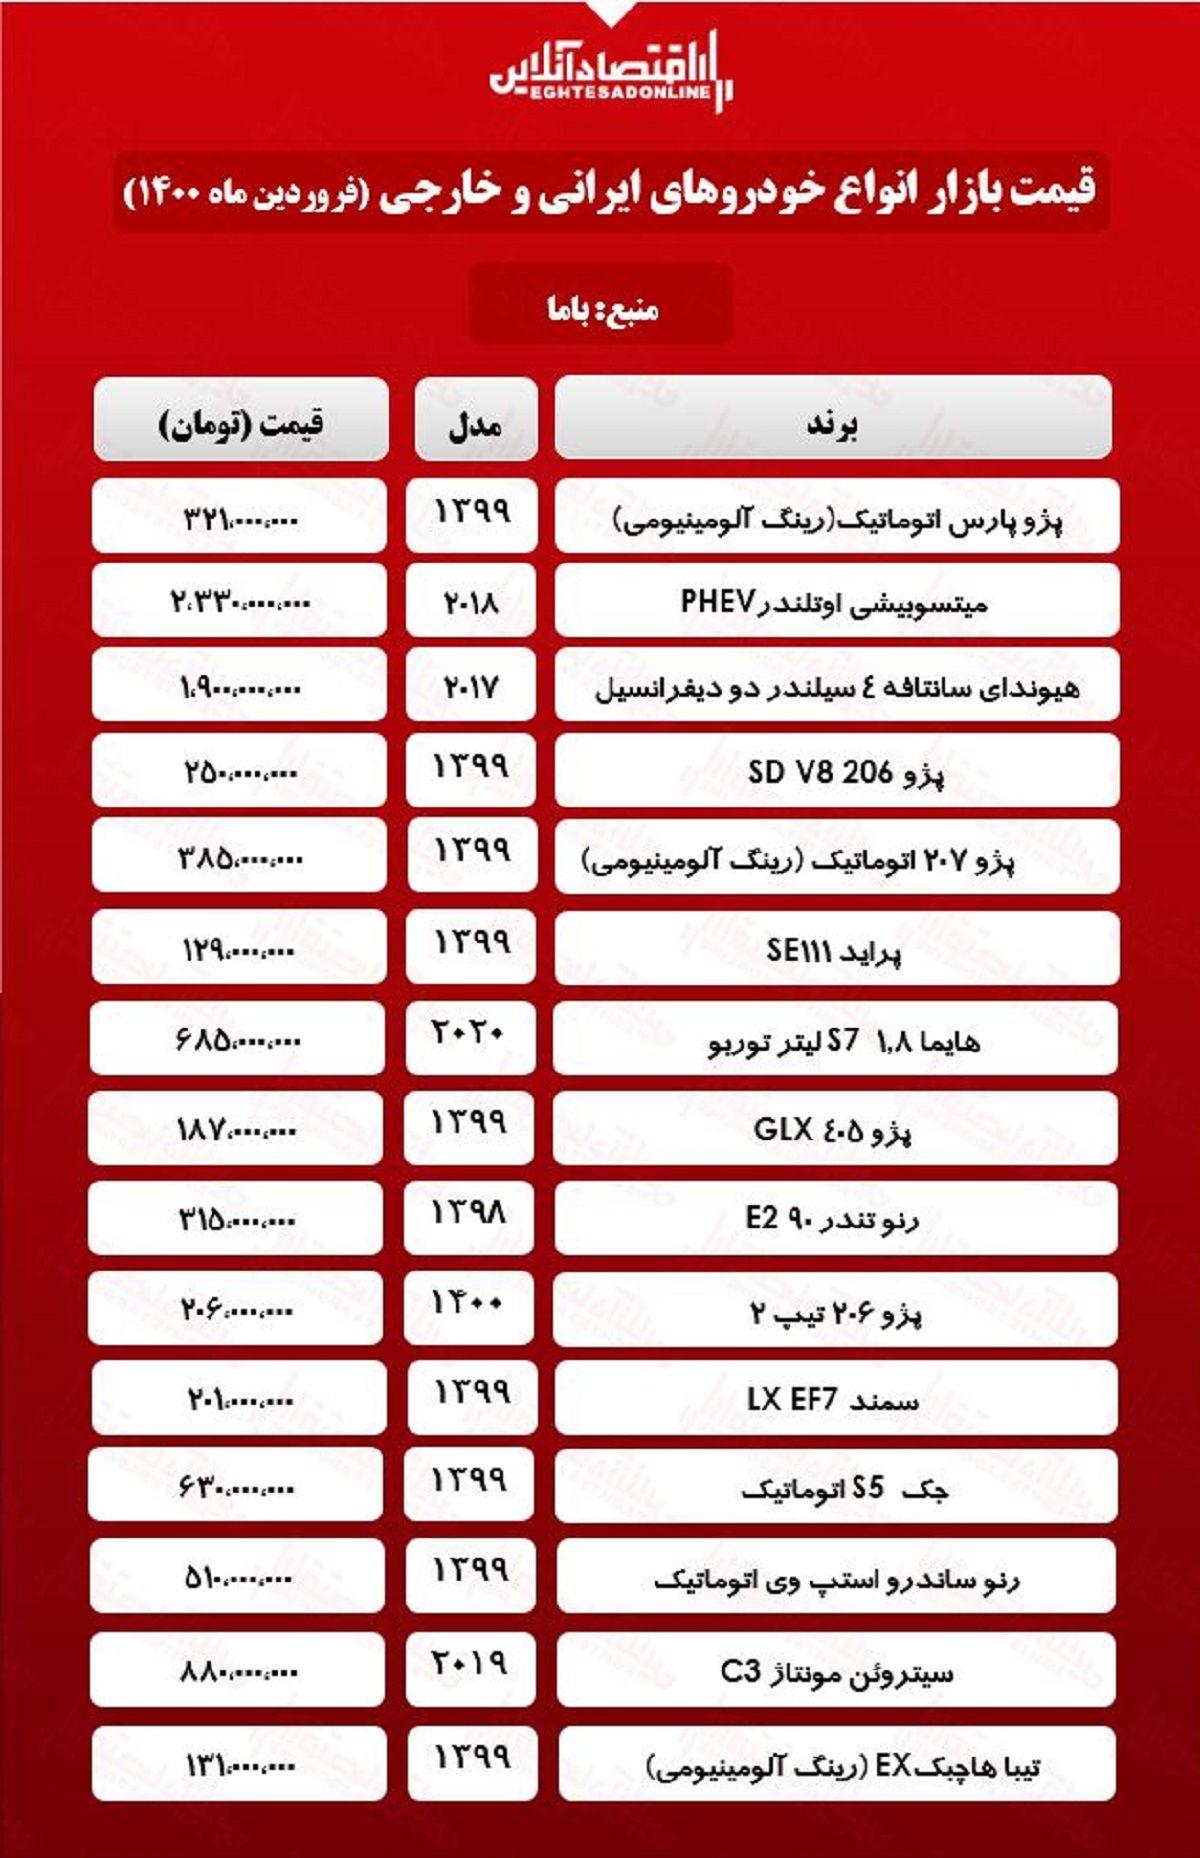 قیمت خودرو امروز ۱۴۰۰/۱/۲۰